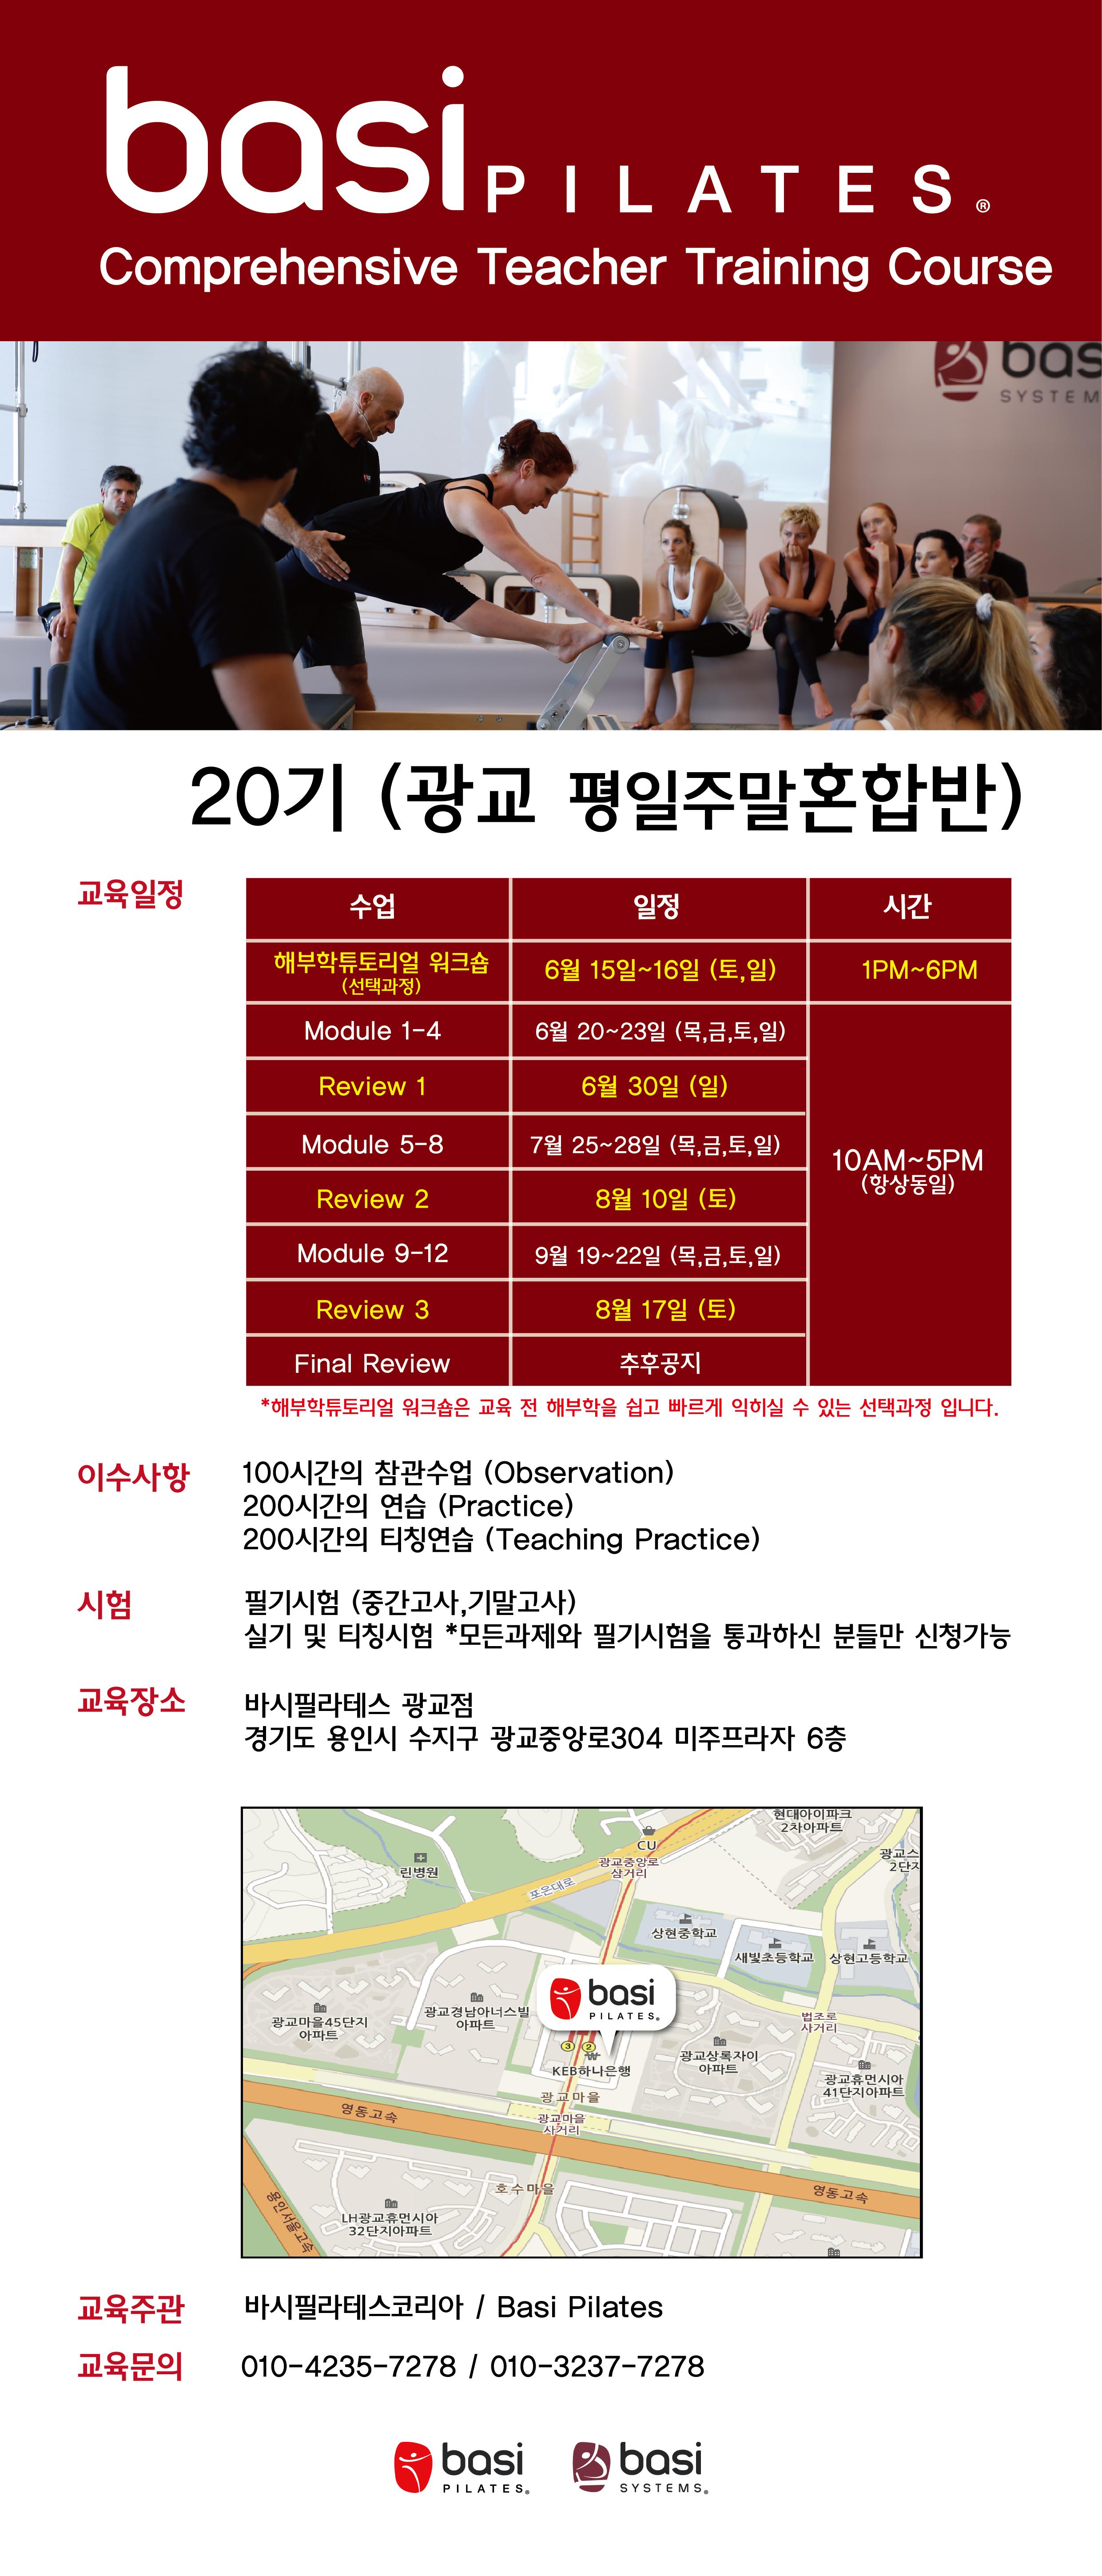 20기교육일정_대지 1 (2).png